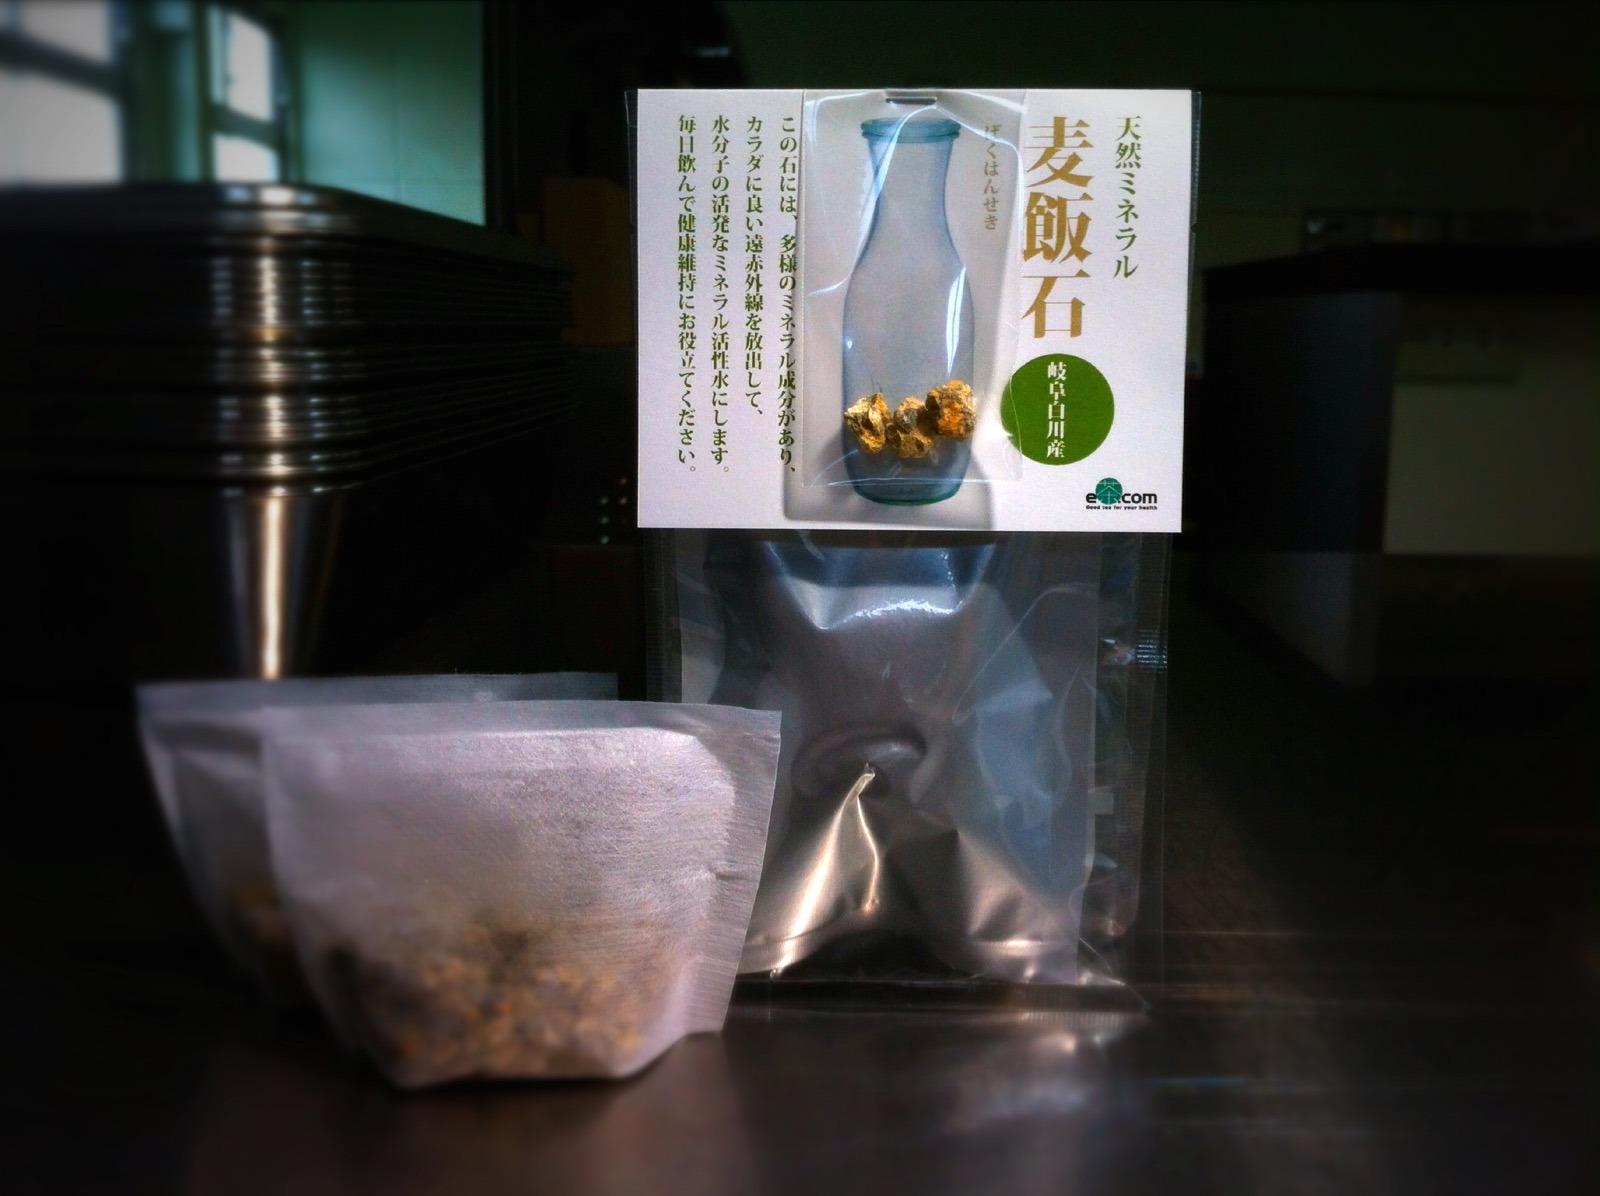 天然ミネラル麦飯石(10袋セット)